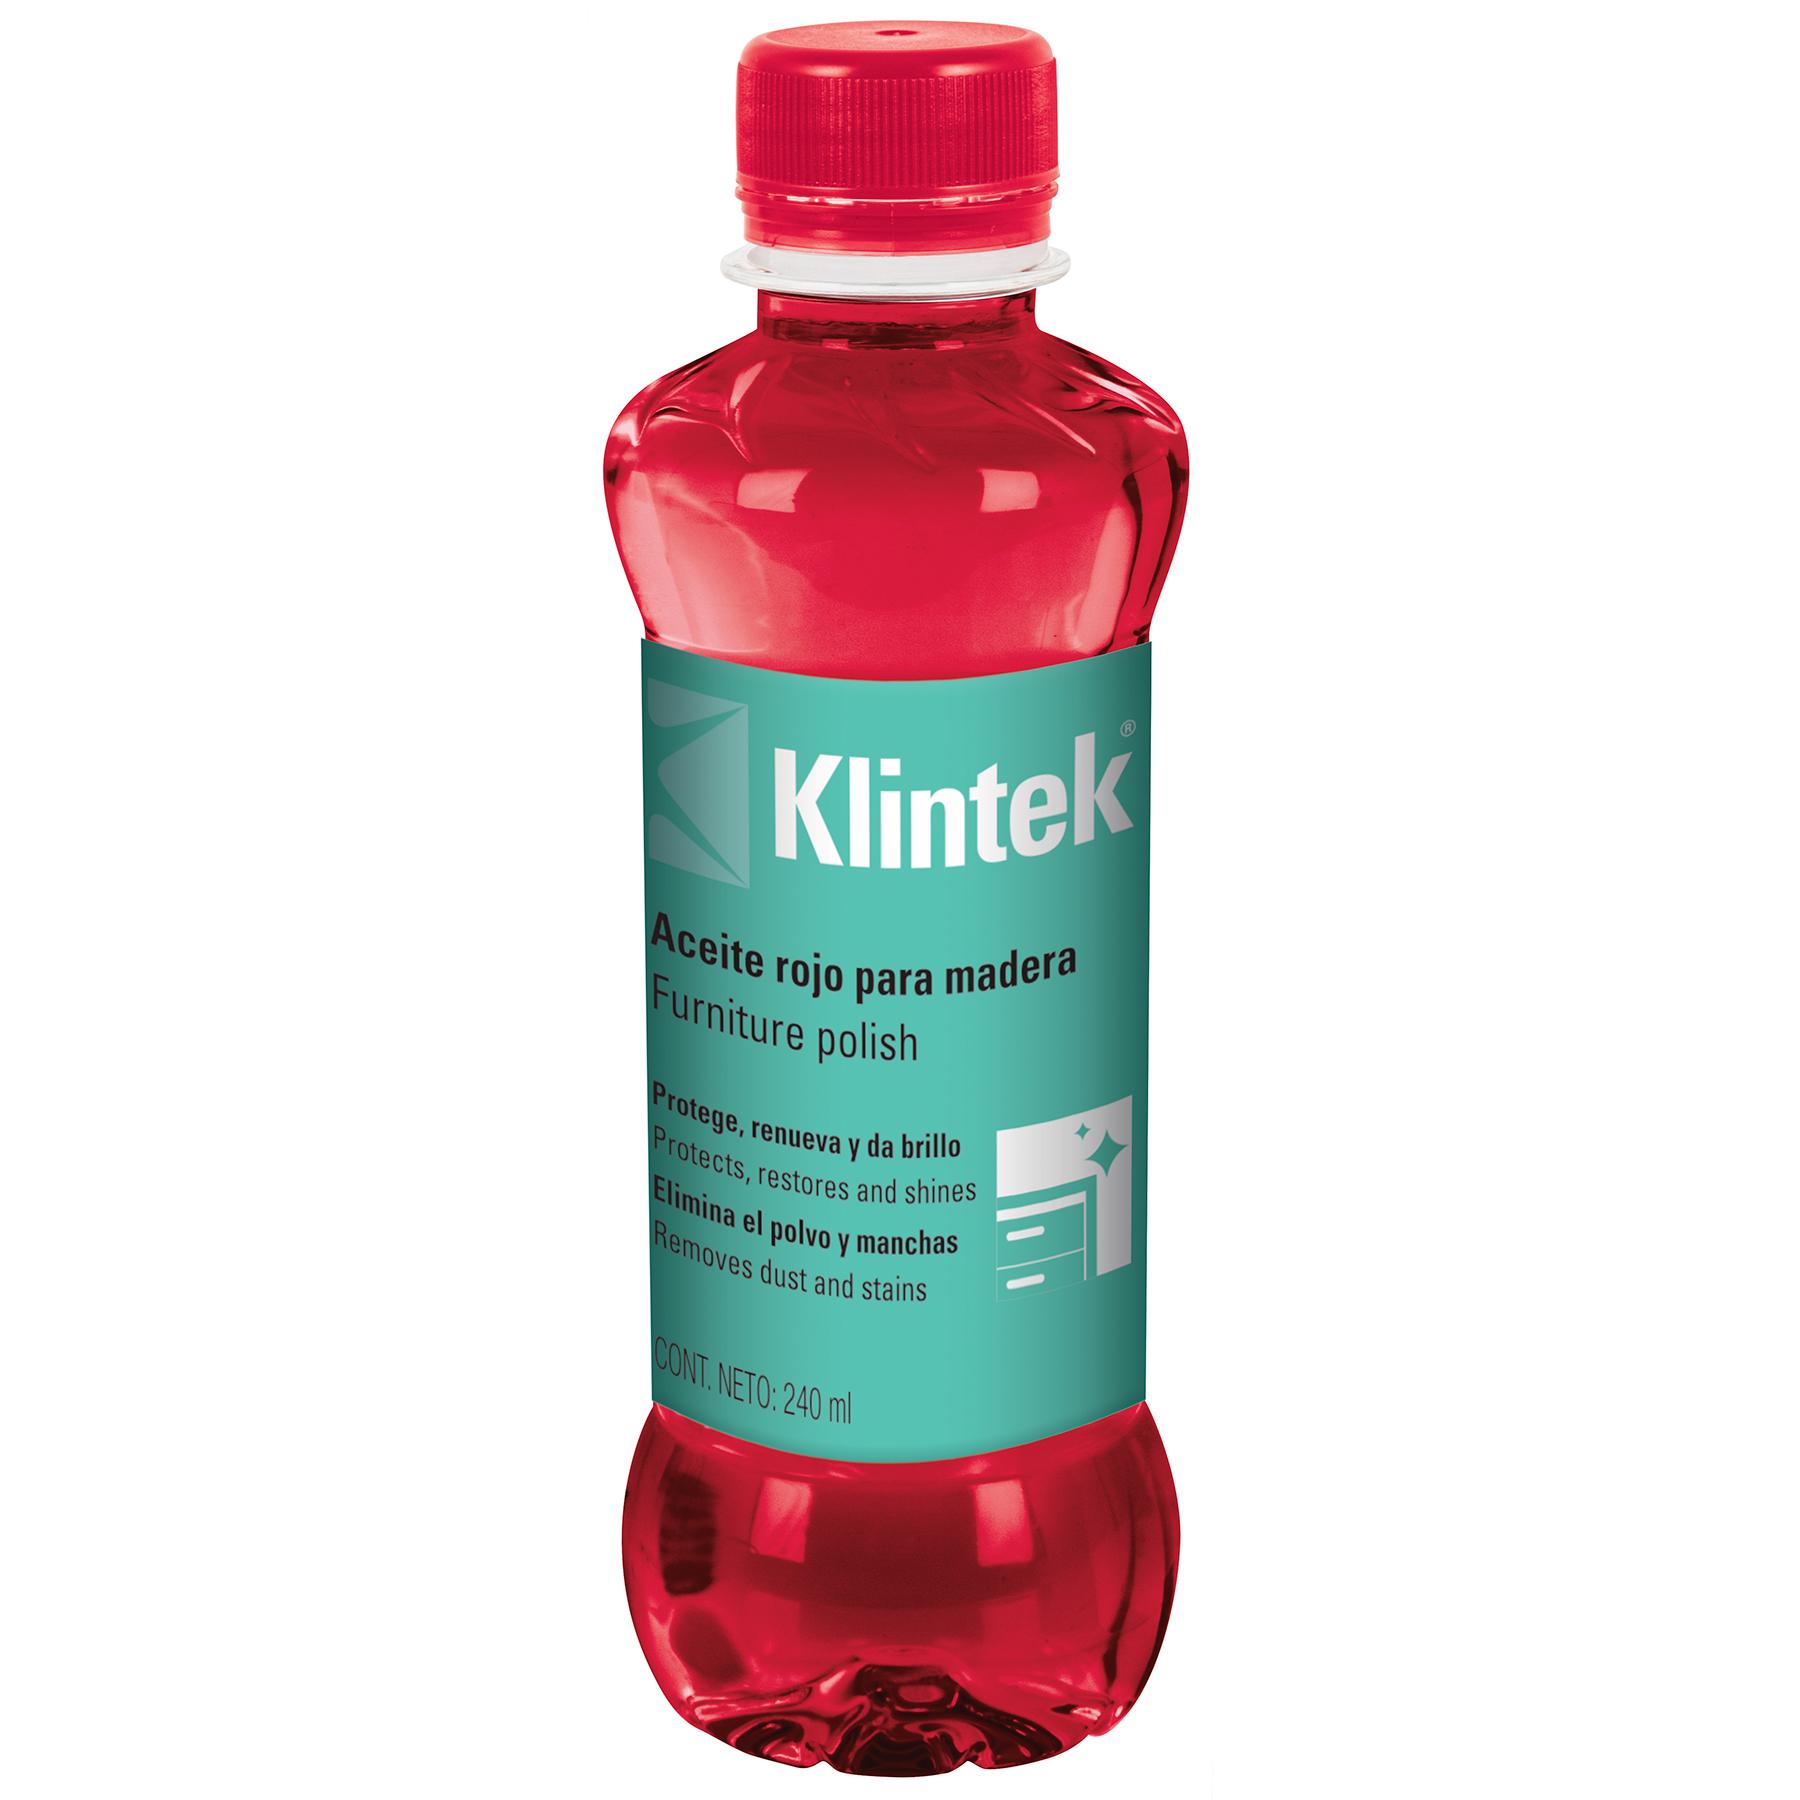 Aceite rojo para muebles 240 ml